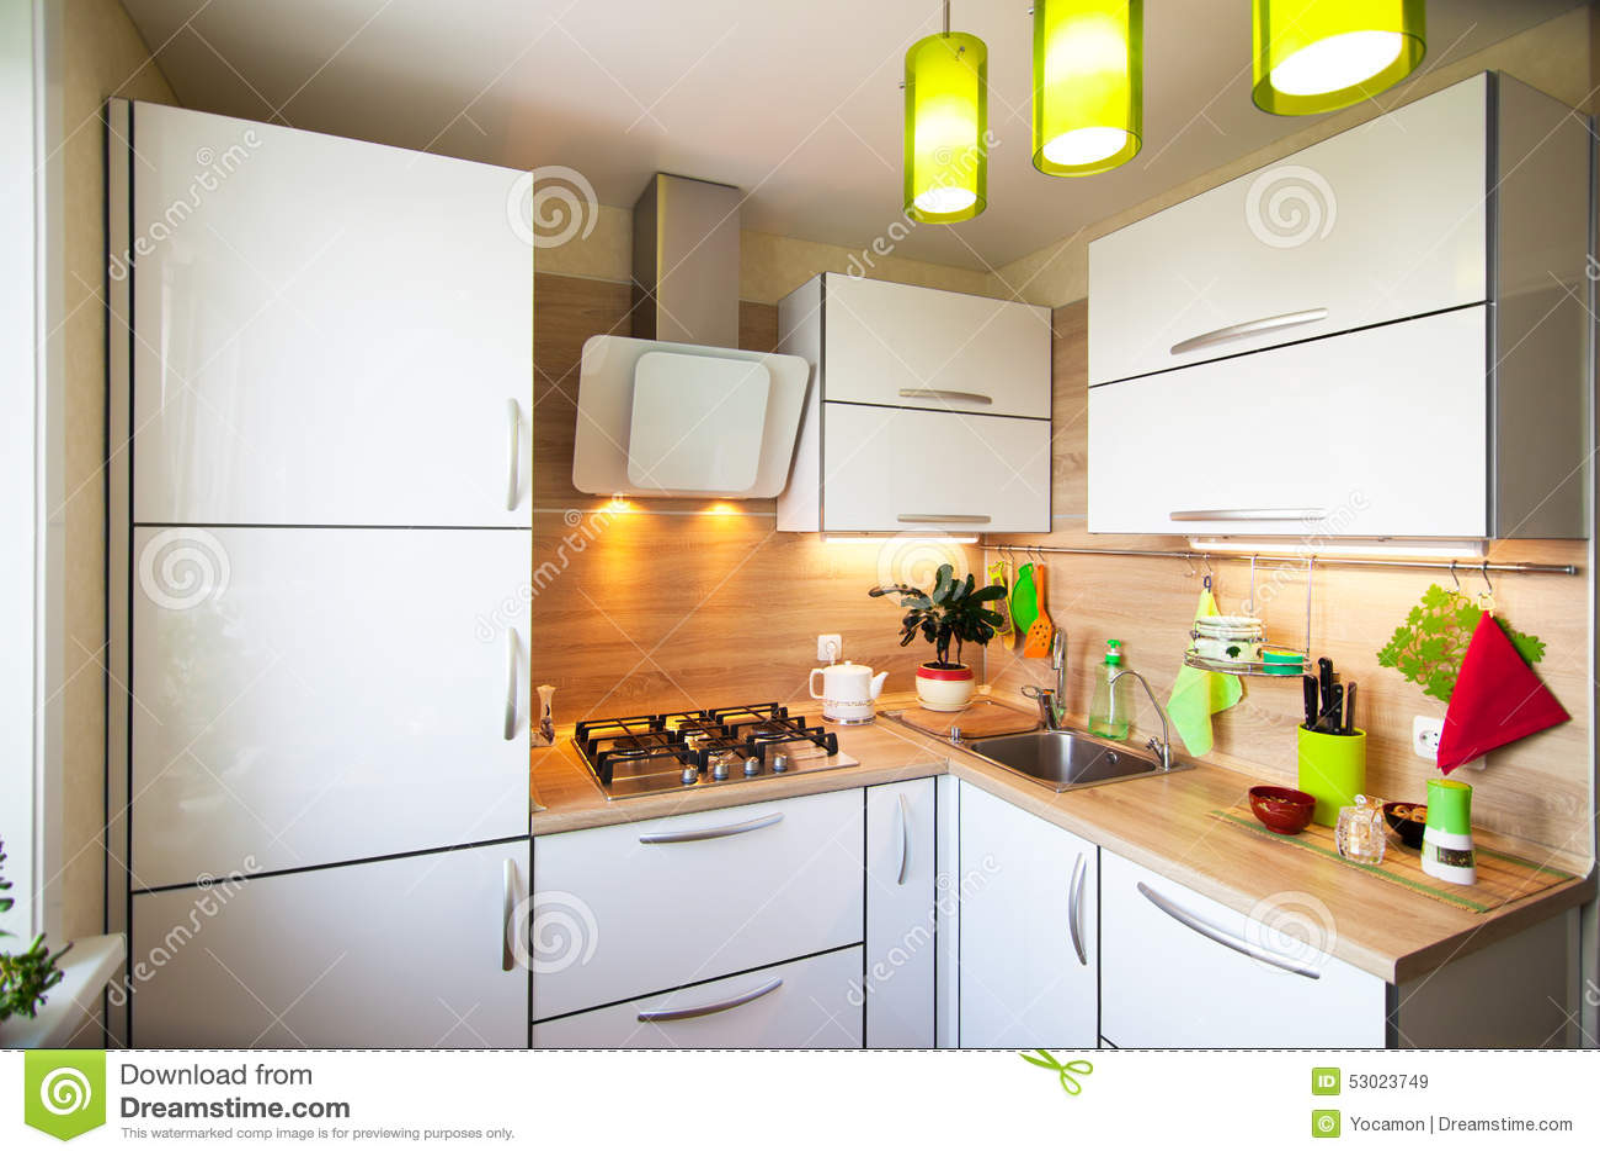 Weißer Und Brauner Innenraum Für Kleine Küche Stockbild - Bild von ...